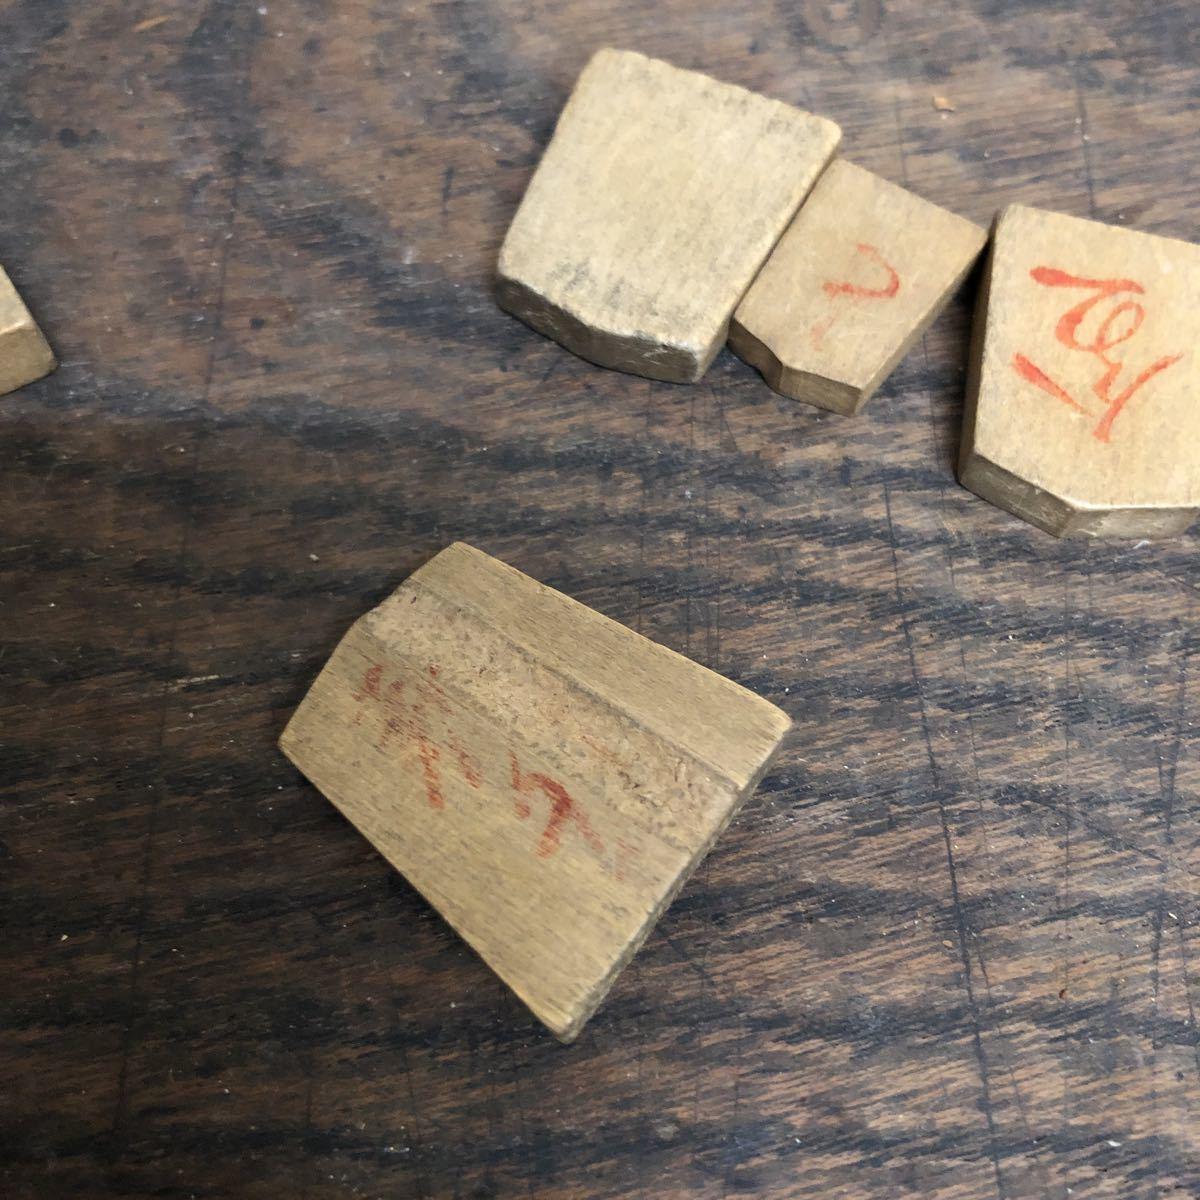 将棋 将棋駒 駒 昭和レトロ レトロ感たっぷり 当時の品 木製 木 42個 昔ながらの将棋駒 古雑貨_画像7